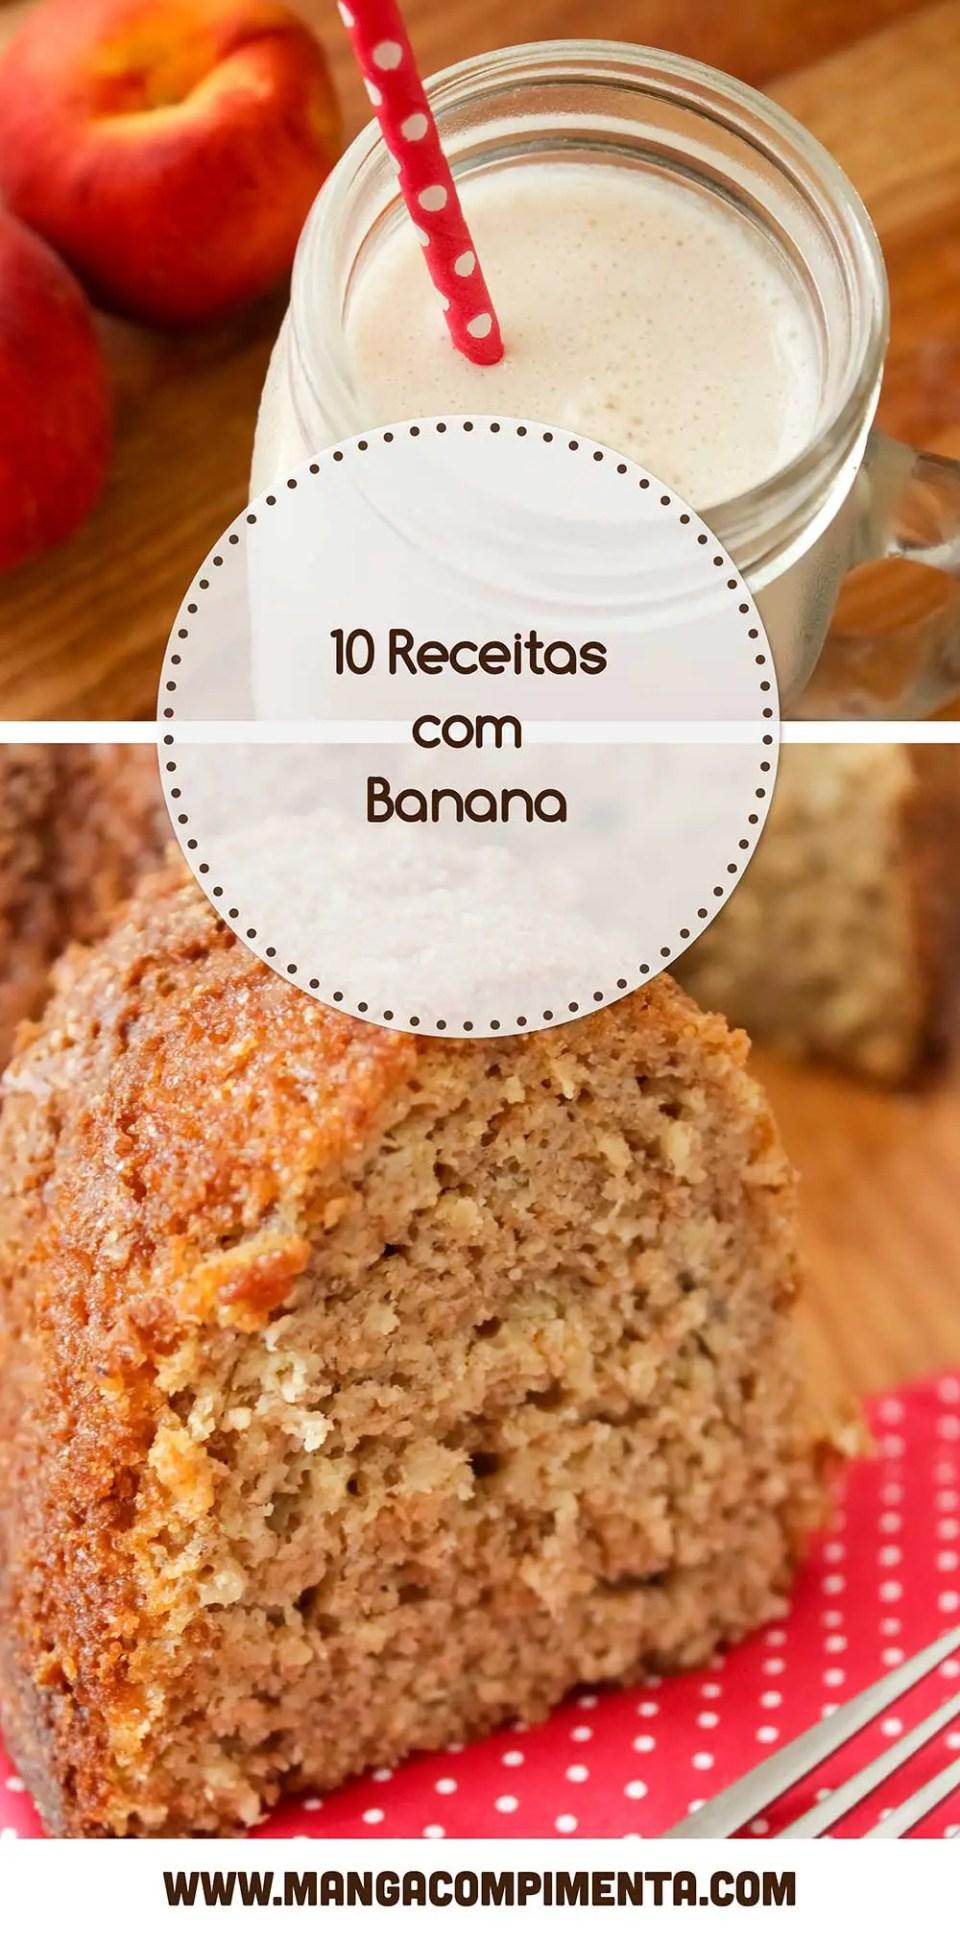 Receitas com Banana - escolha uma dessas receitas para preparar ainda hoje para a sua família e amigos!